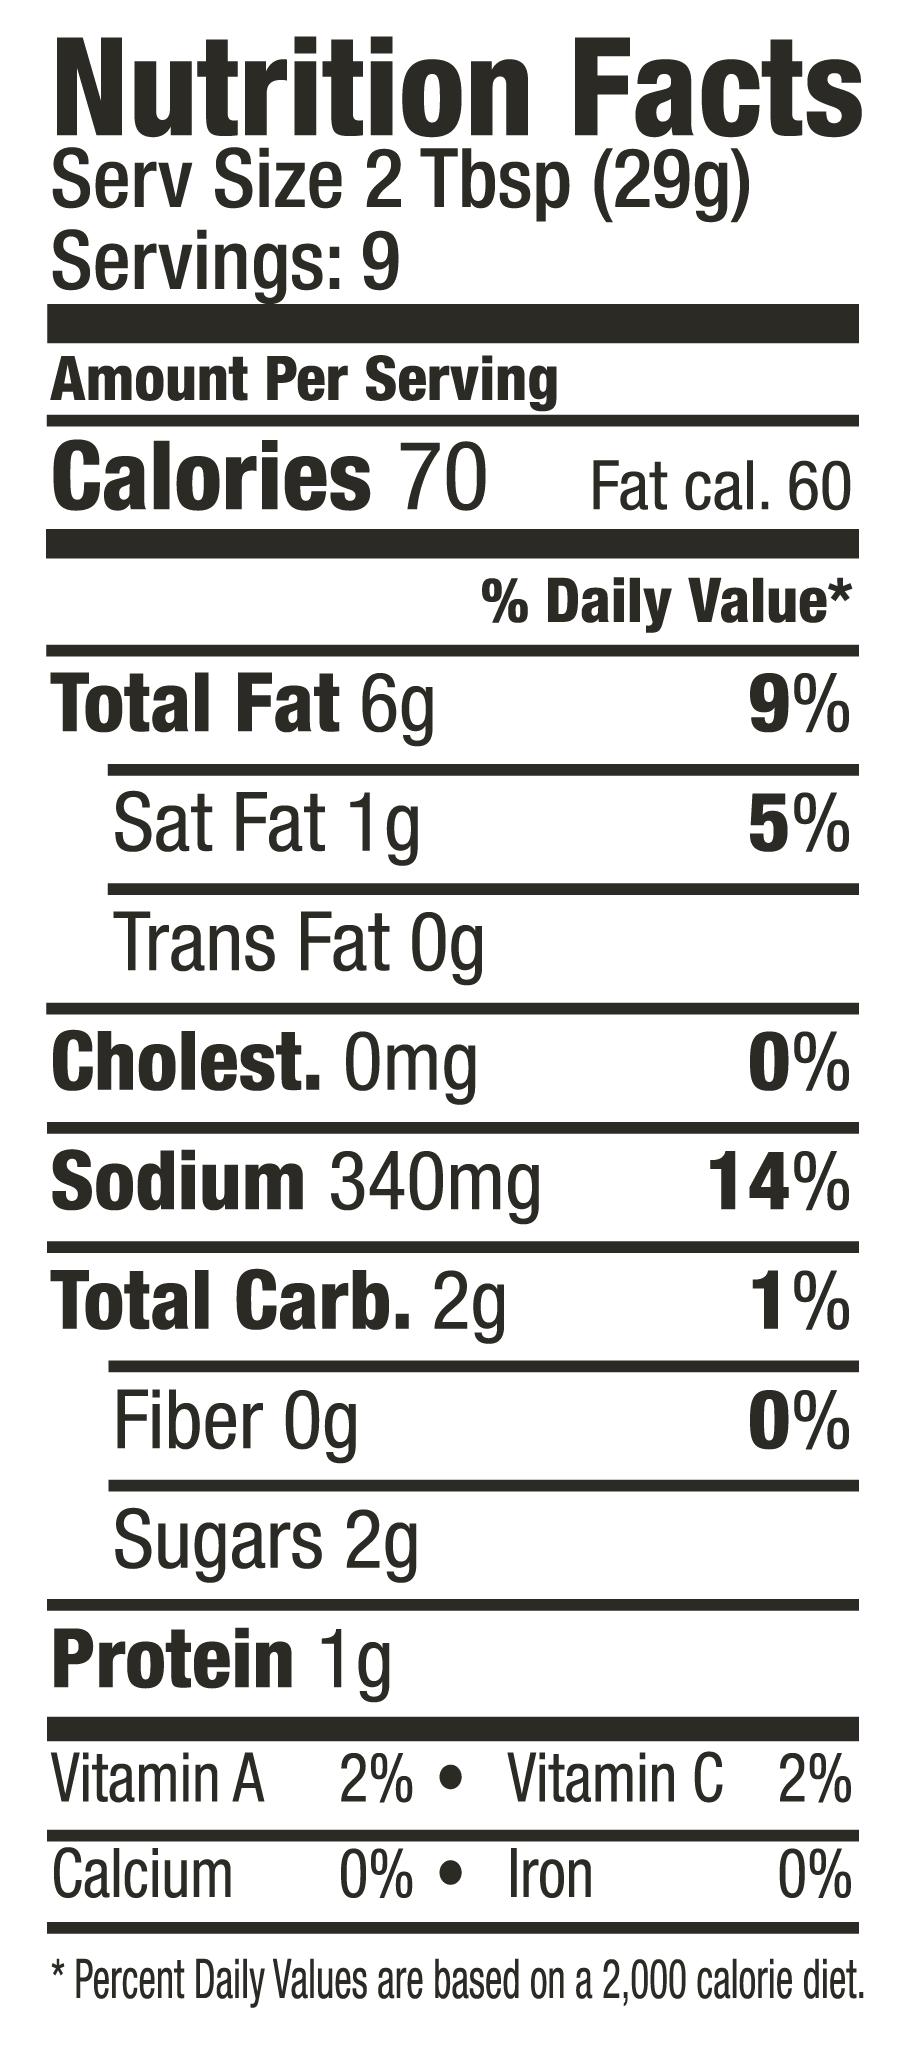 NutritionalFacts_BalsamicGinger_2018.png